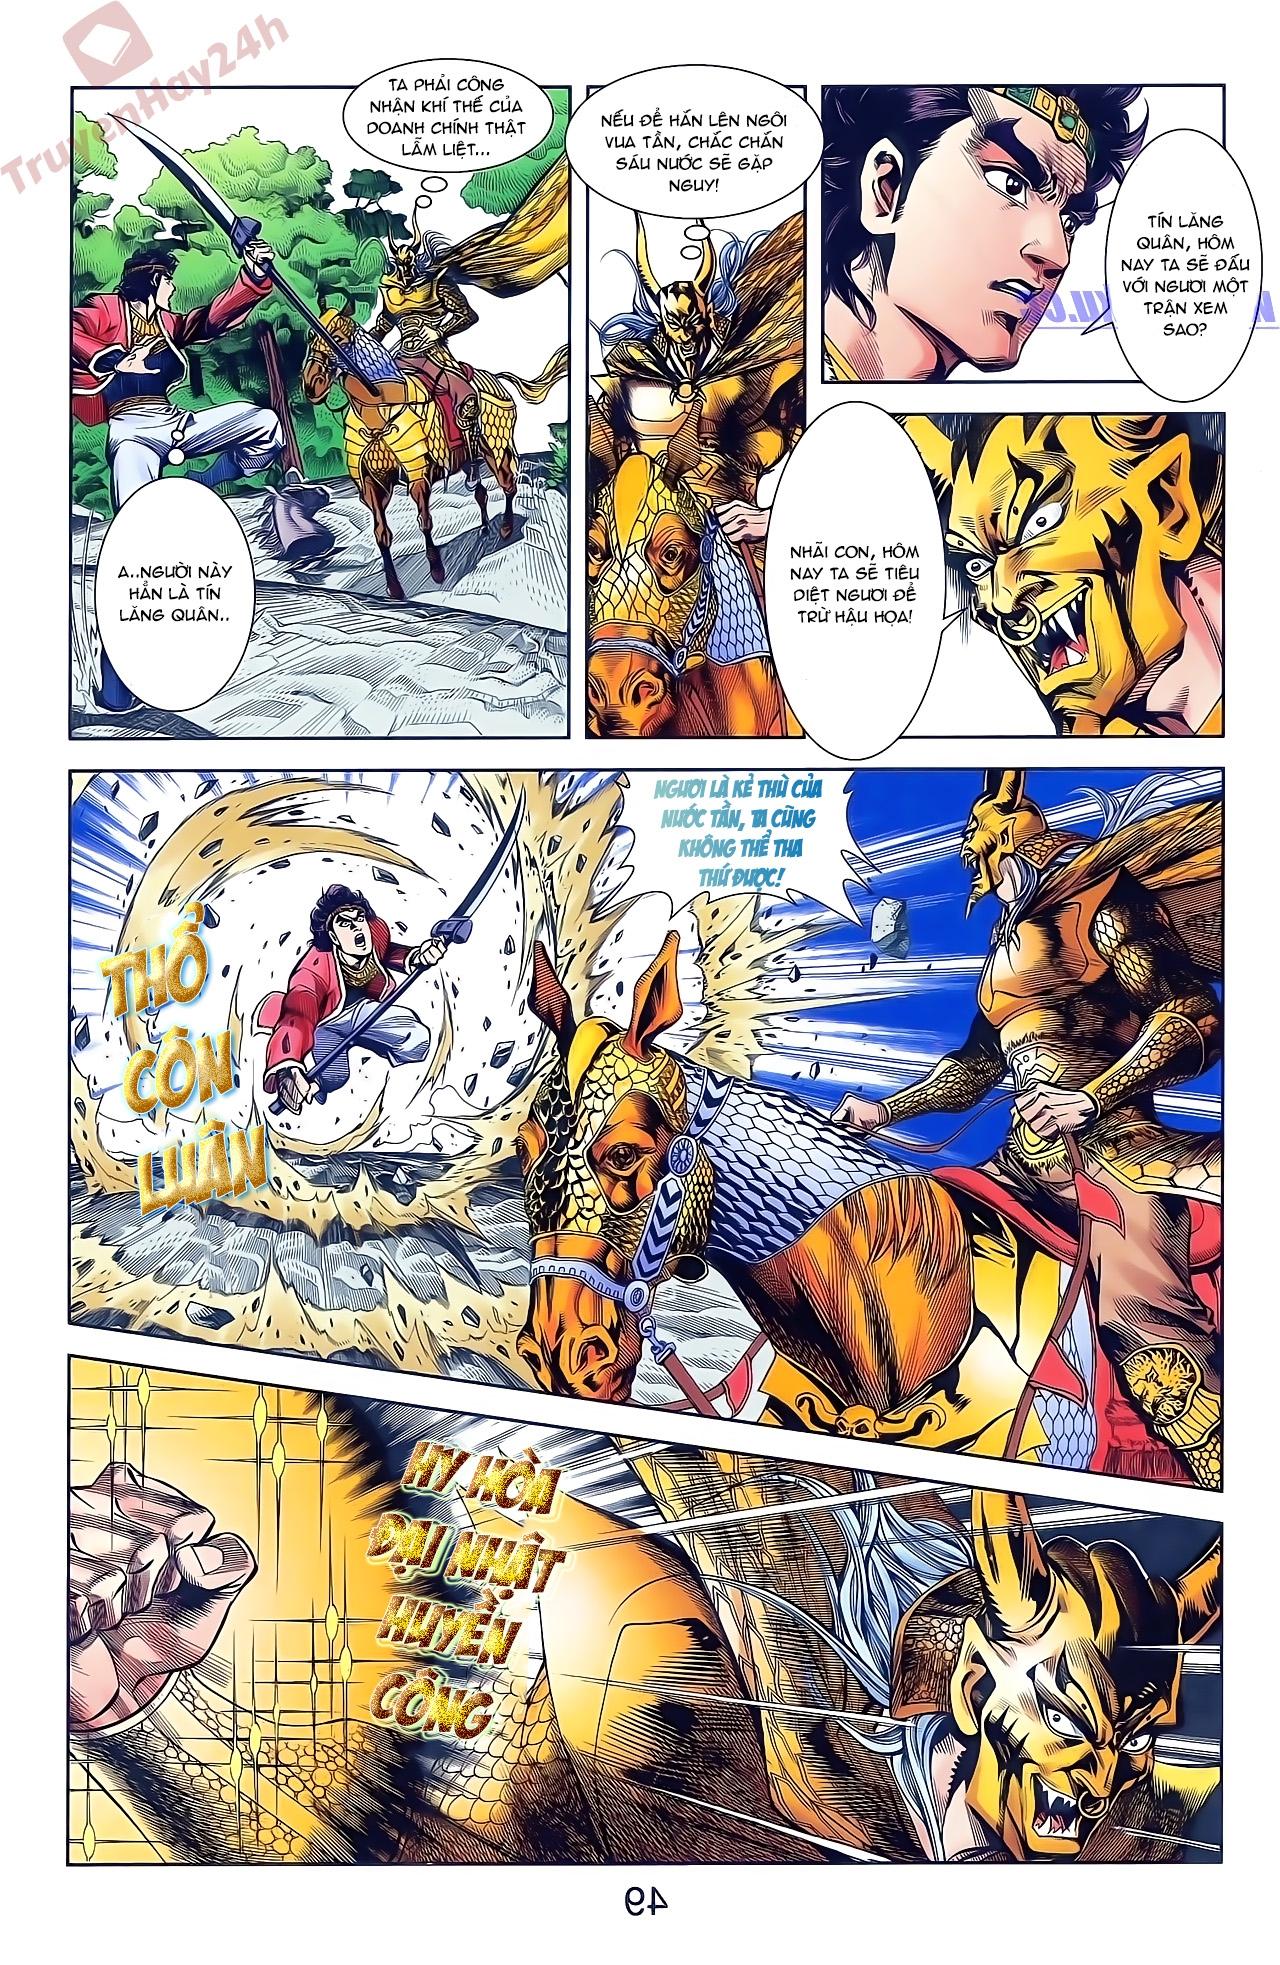 Tần Vương Doanh Chính chapter 49 trang 3